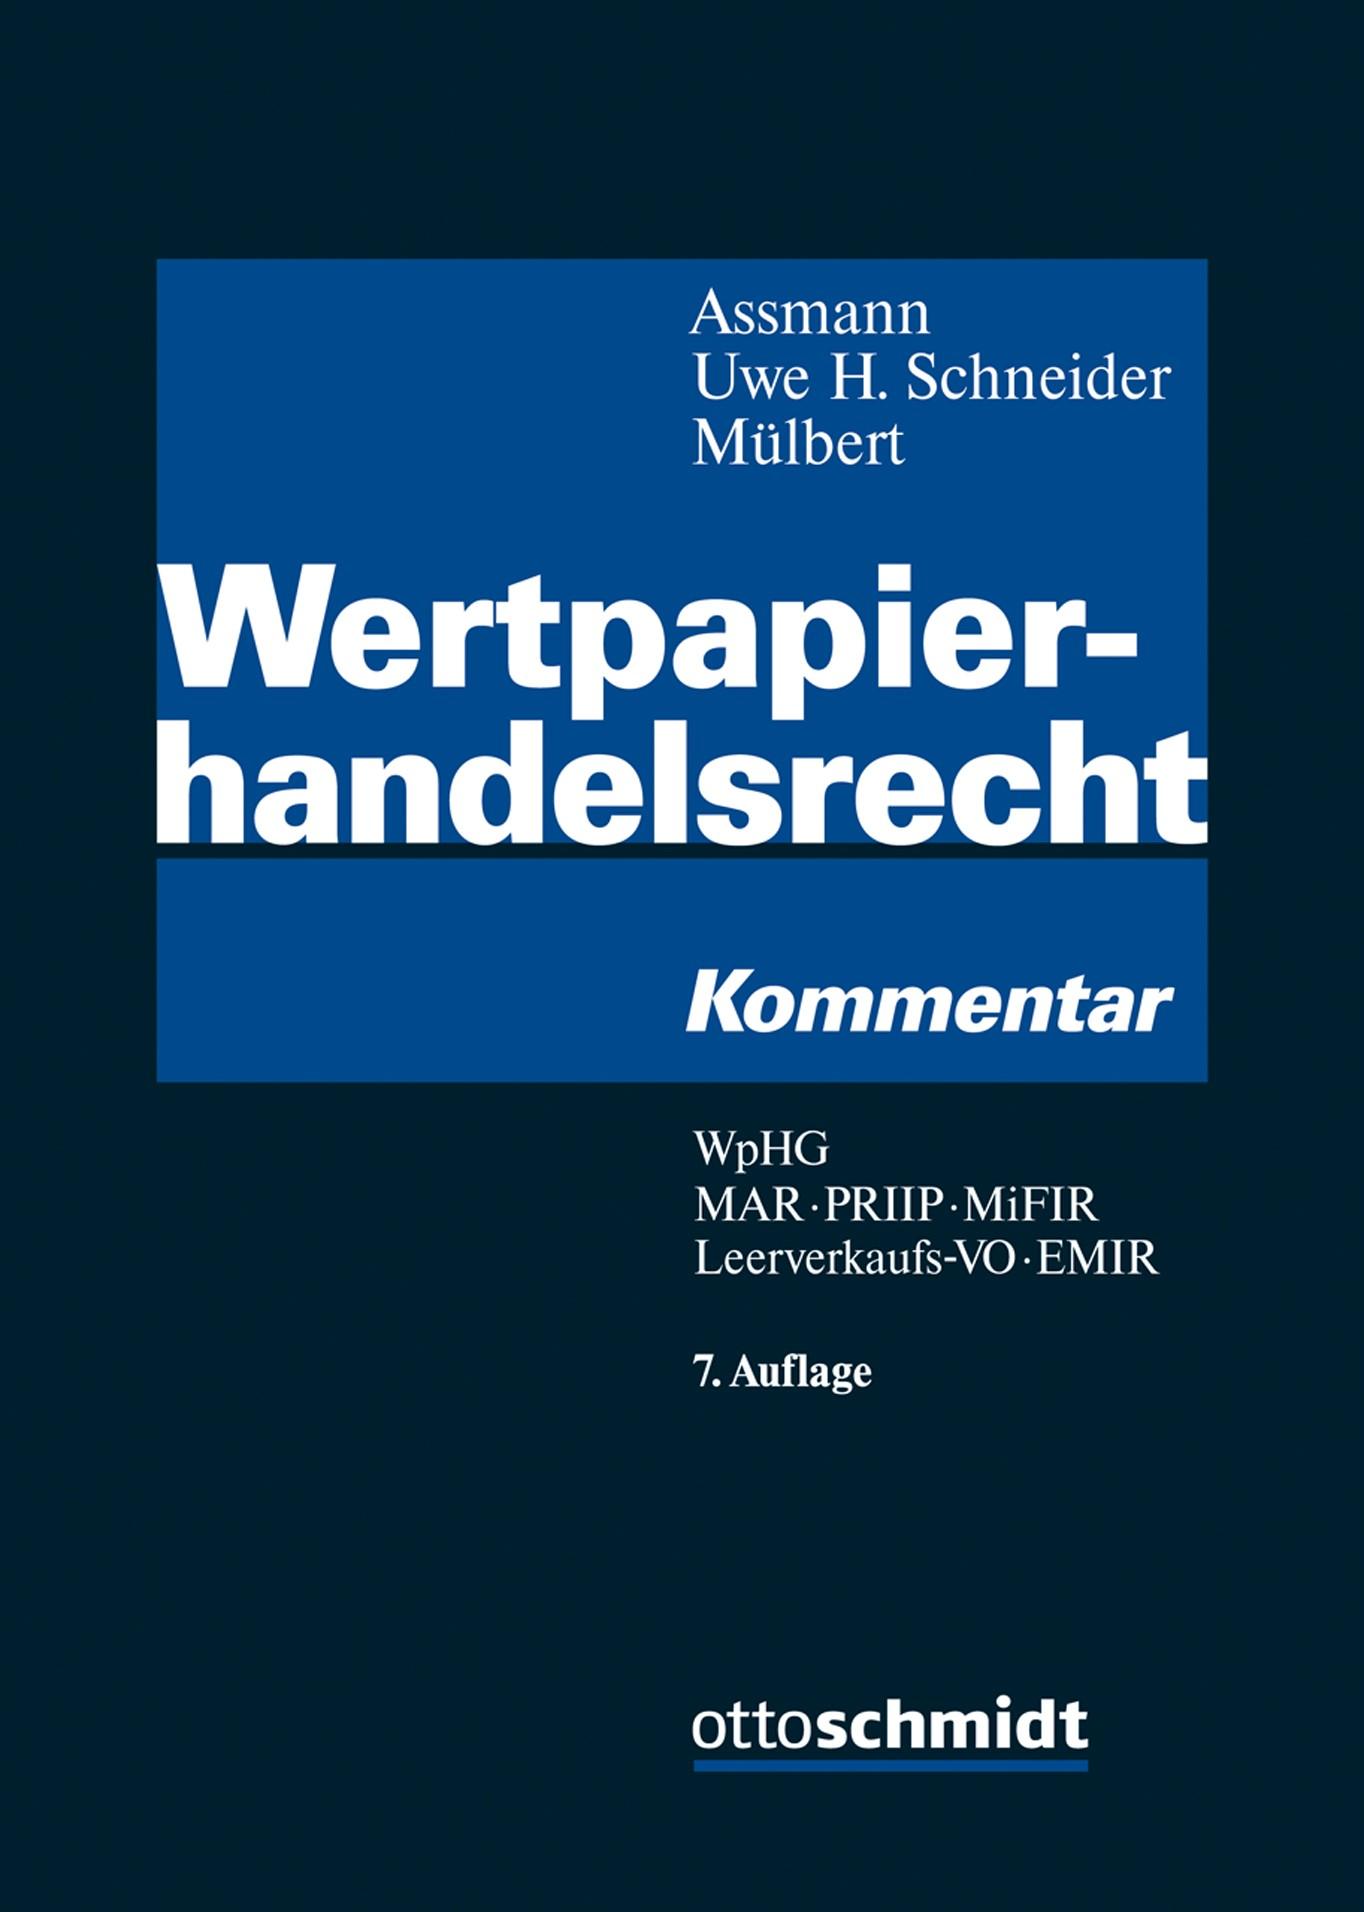 Wertpapierhandelsrecht | Assmann / Schneider / Mülbert (Hrsg.) | 7., grundlegend neu bearbeitete und erweiterte Auflage, 2018 | Buch (Cover)